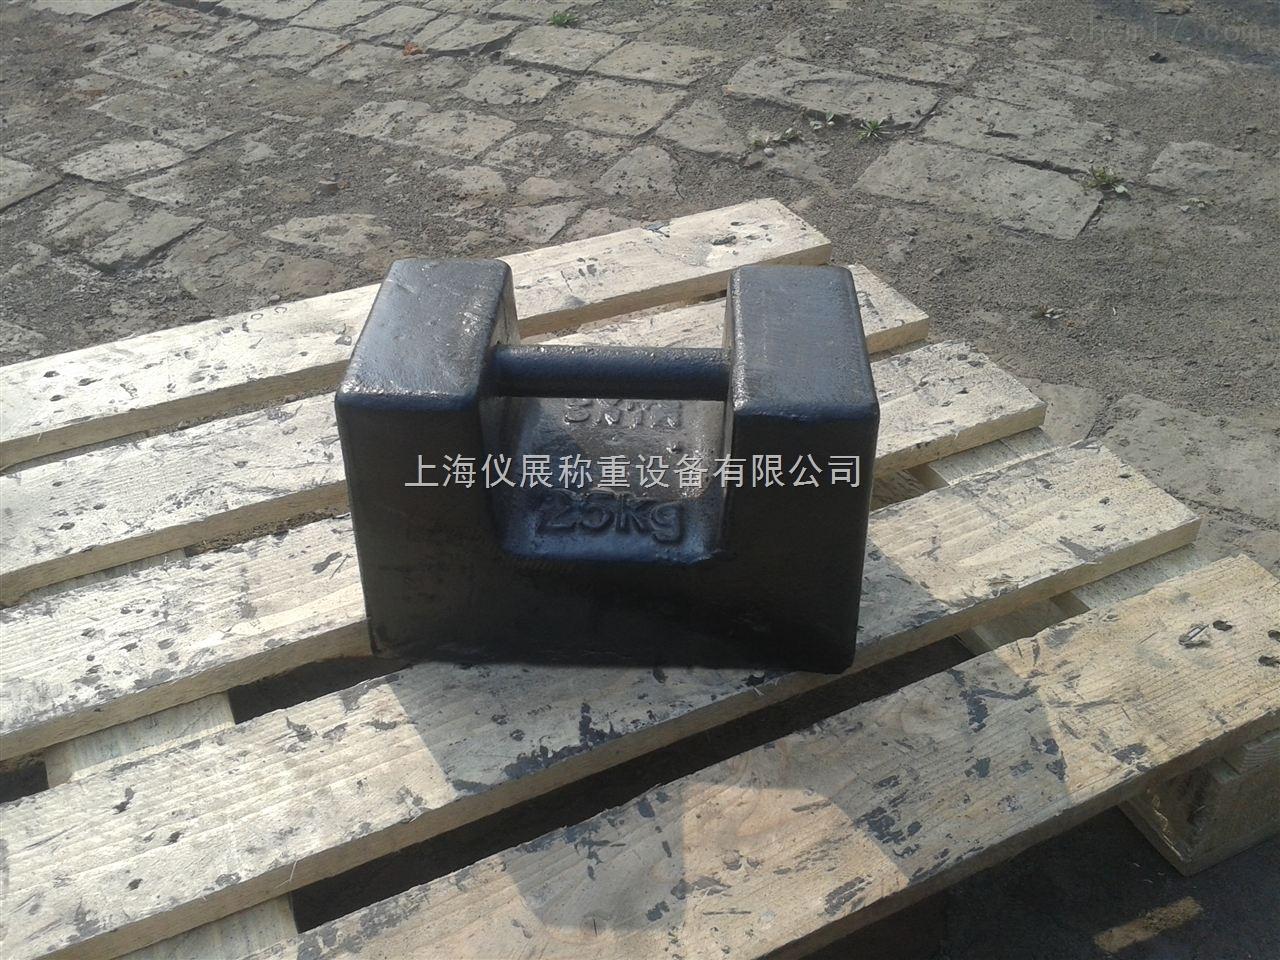 盧灣區25kg鎖式鑄鐵砝碼,地磅校驗用鎖形砝碼生產廠家